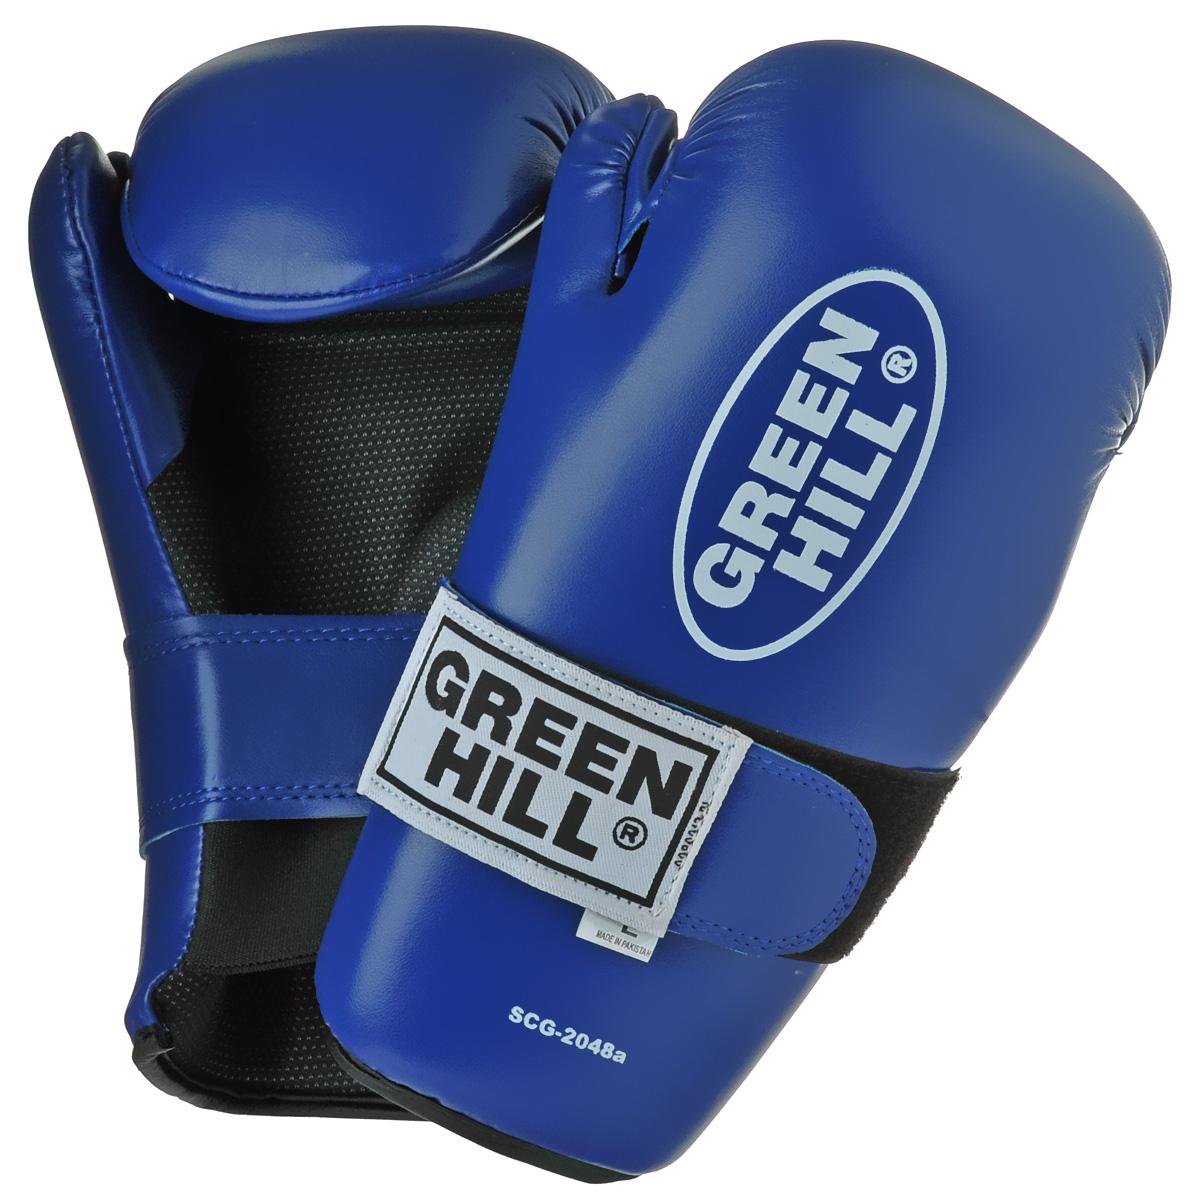 цена на Перчатки для контактных единоборств Green Hill 7-contact, цвет: синий. Размер XL